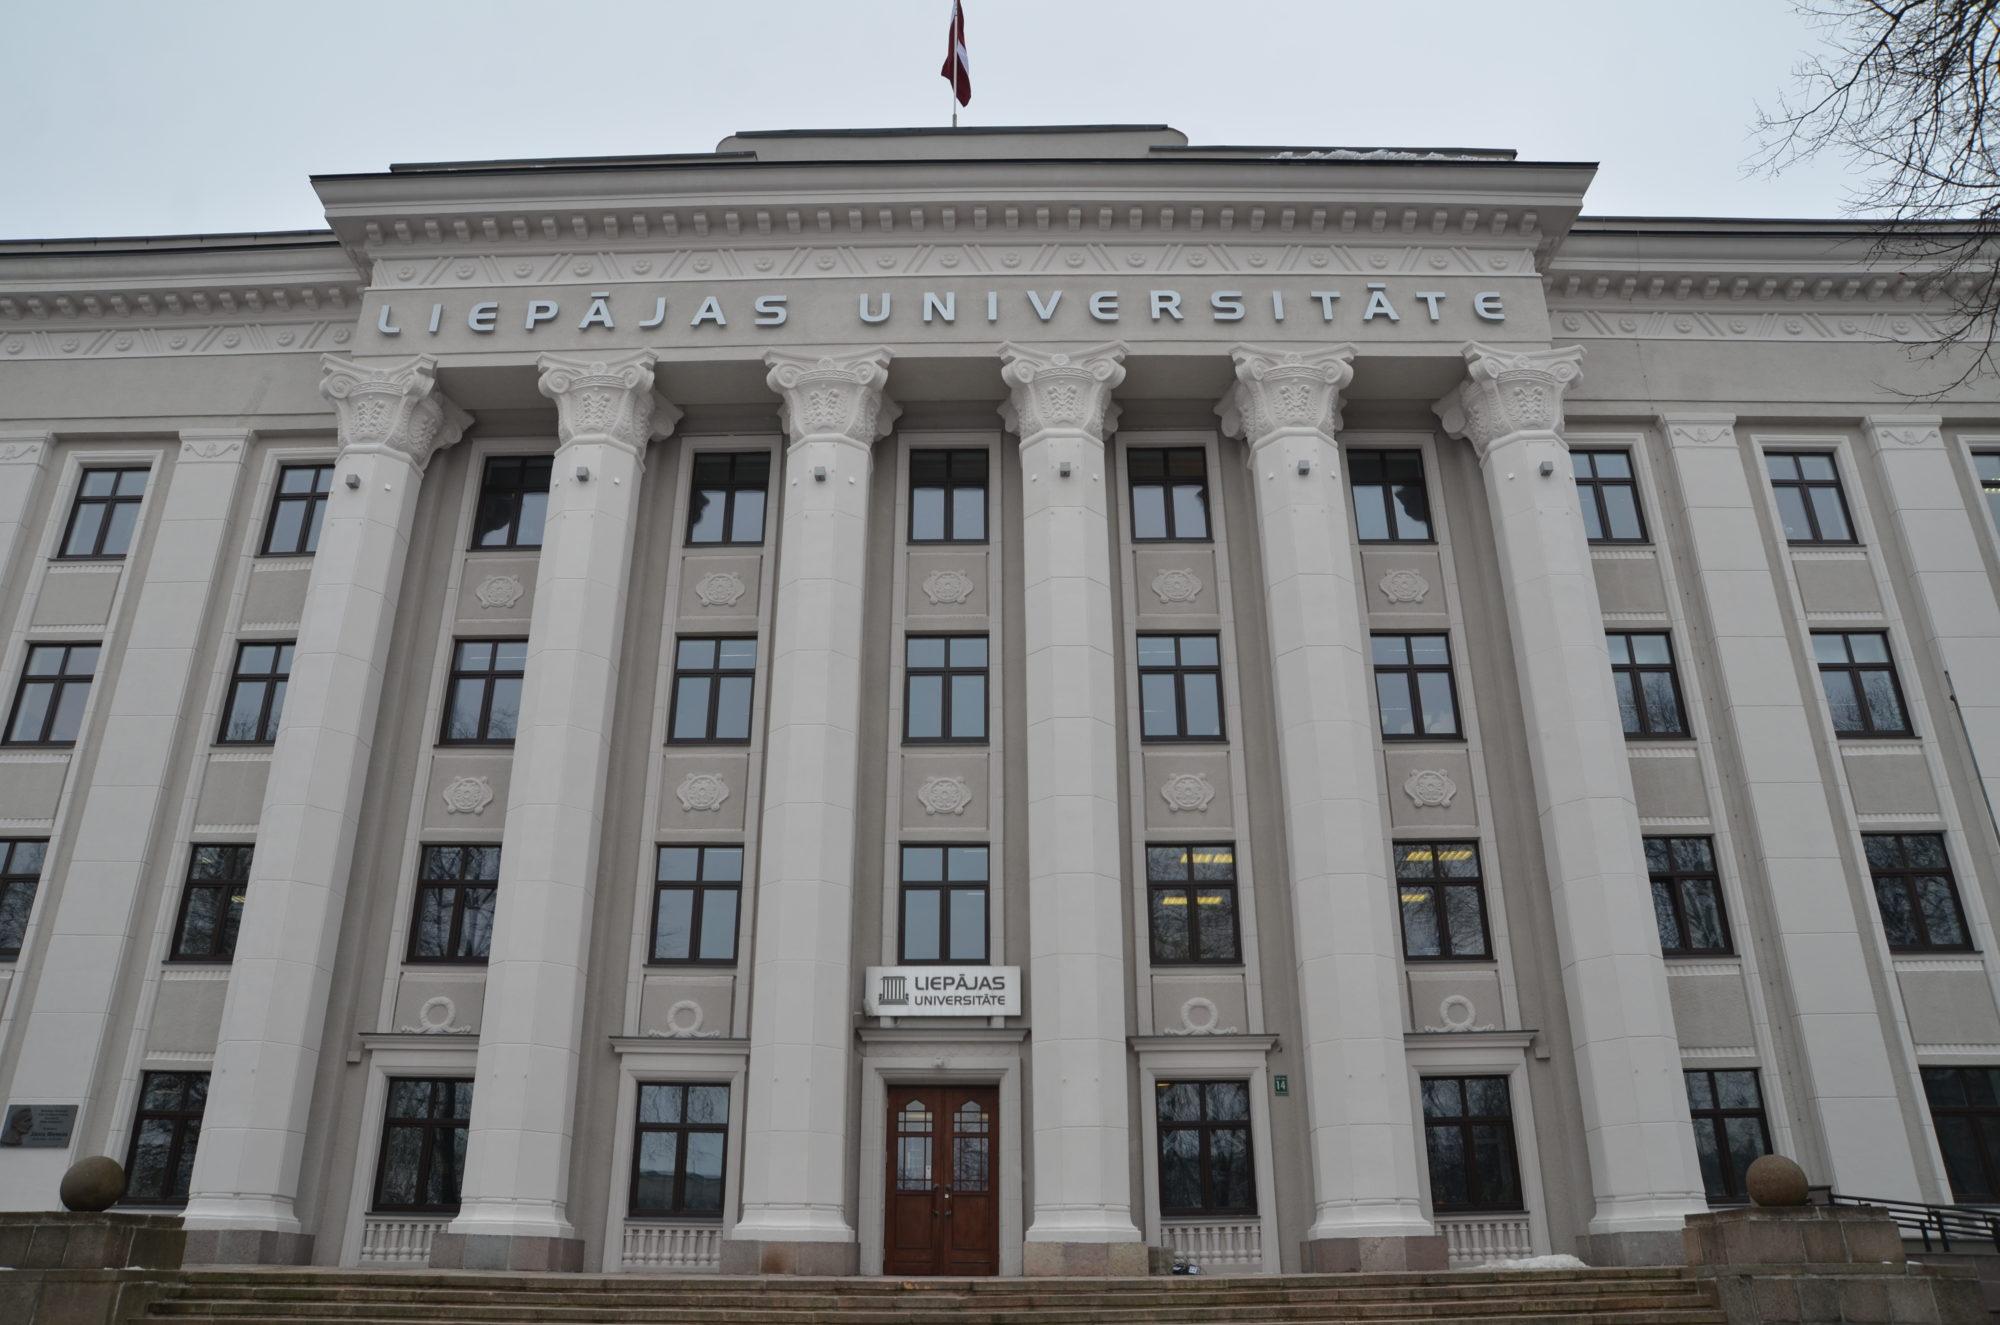 LiepU rektore pārmet ministrijas ziņojuma paviršību